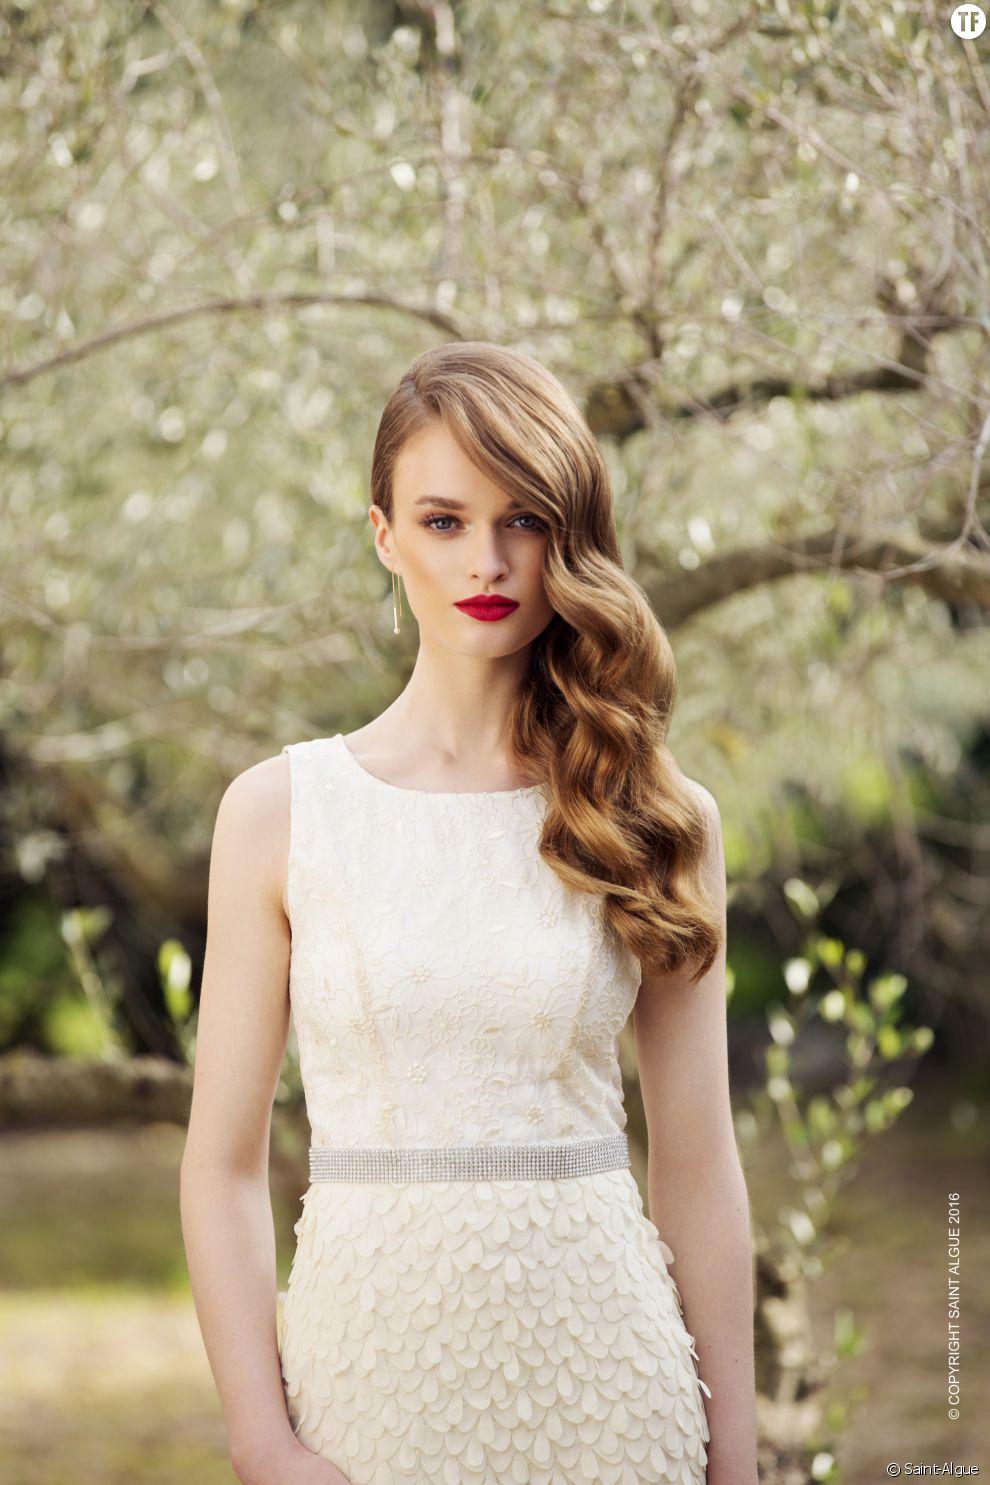 On ondule sa chevelure qu'on ramène sur un seul côté pour apporter la touche d'élégance nécessaire à son look.